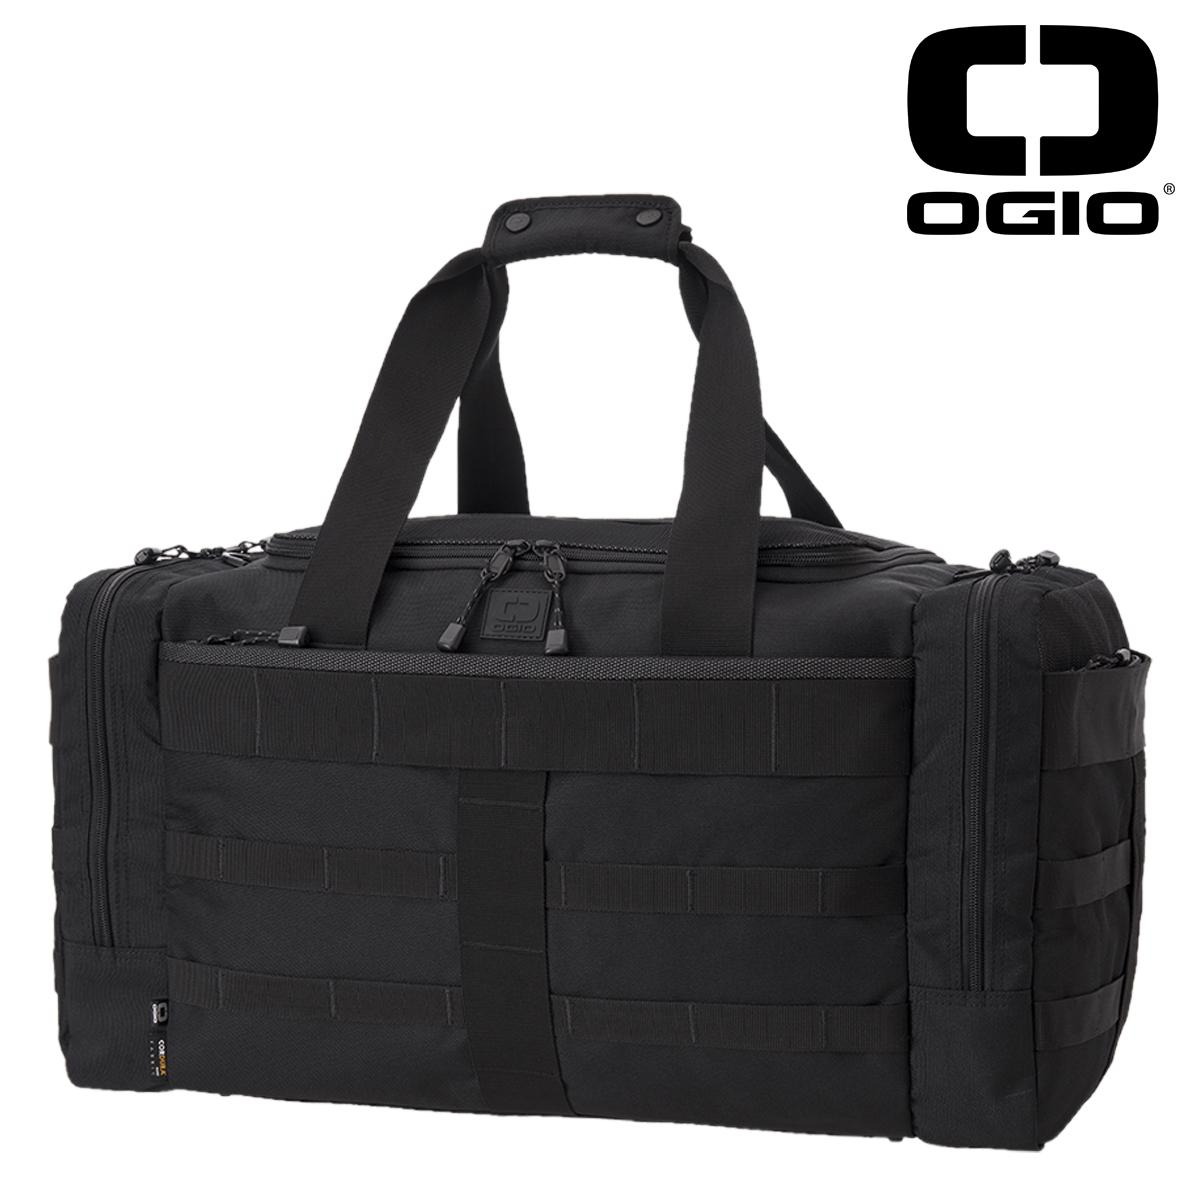 オジオ ボストンバッグ 3WAY CONVOY メンズ レディース 5920161OG OGIO | 撥水[即日発送][PO10]